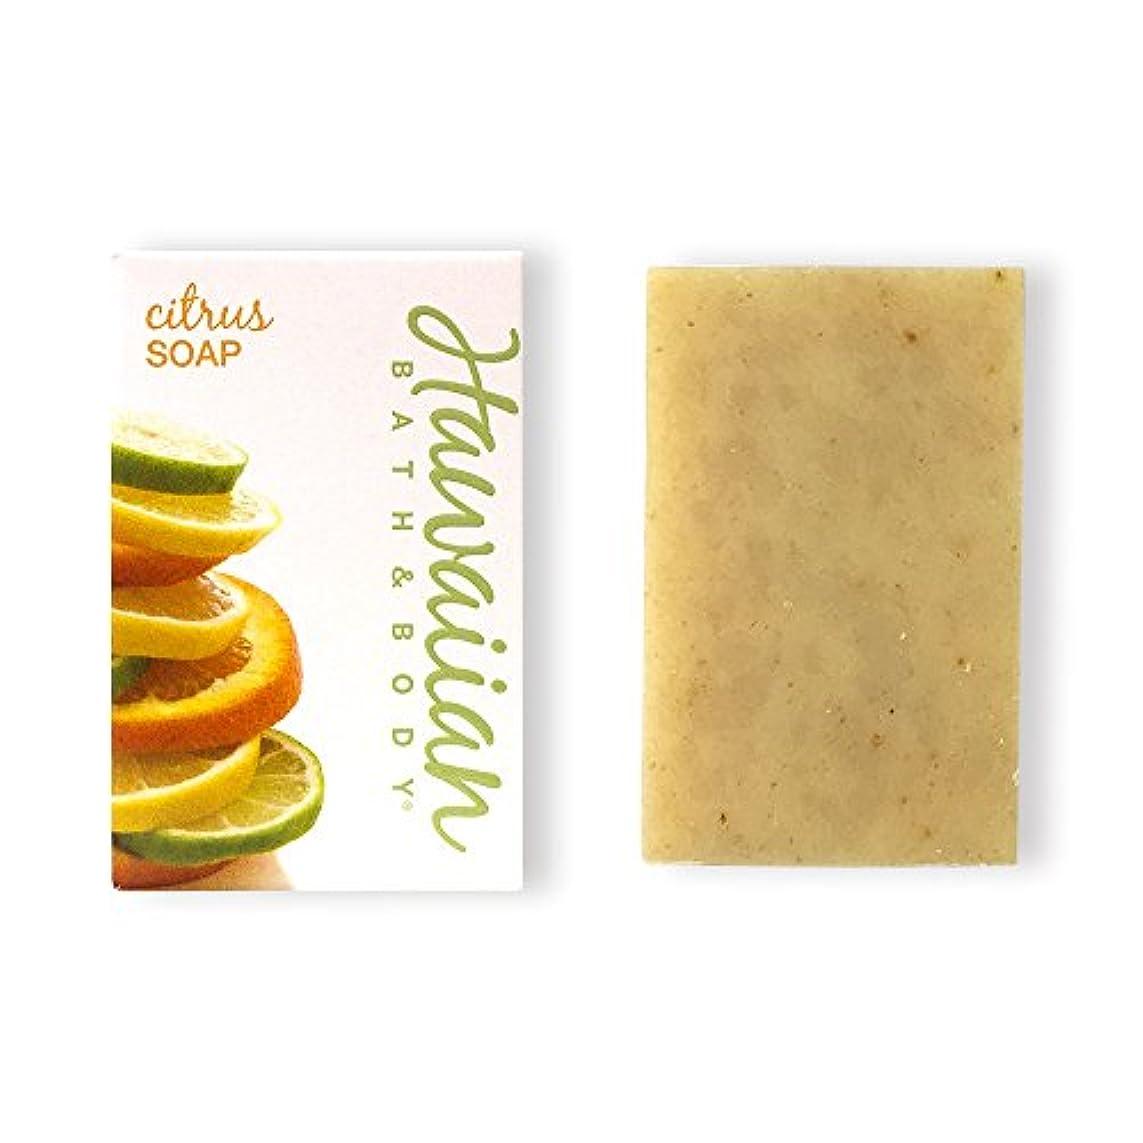 東方壊れた失礼ハワイアンバス&ボディ ハワイアン?シトラスソープ( Citrus Soap )